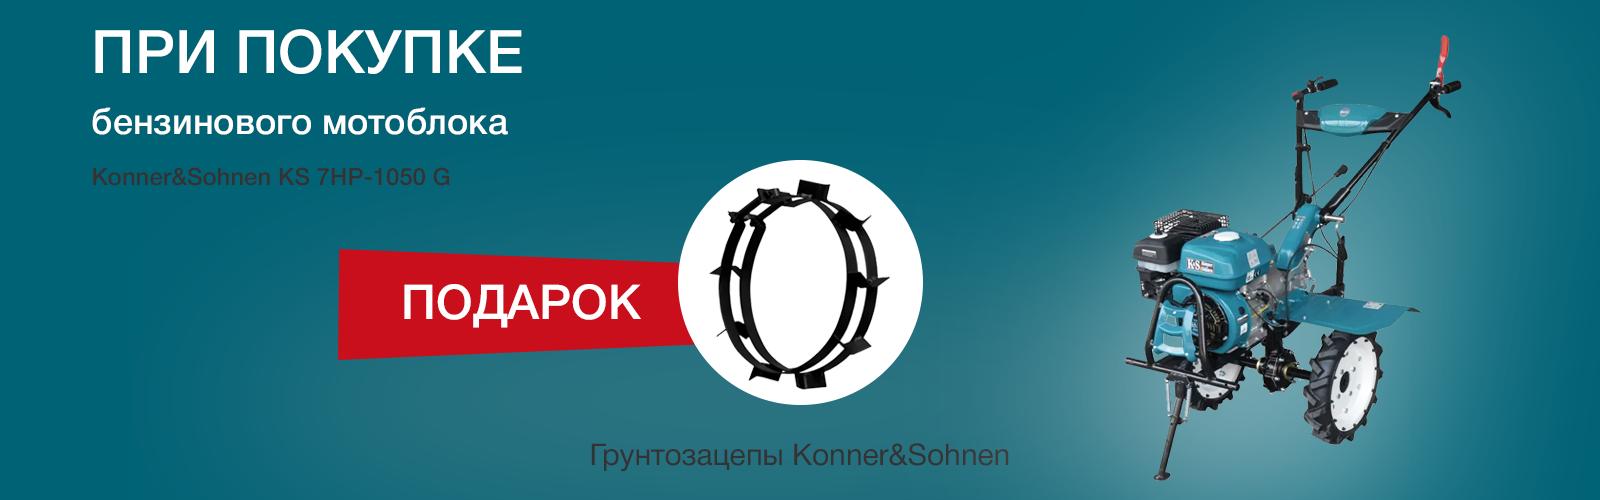 Подарок к бензинового мотоблока Konner&Sohnen KS 7HP-1050 G